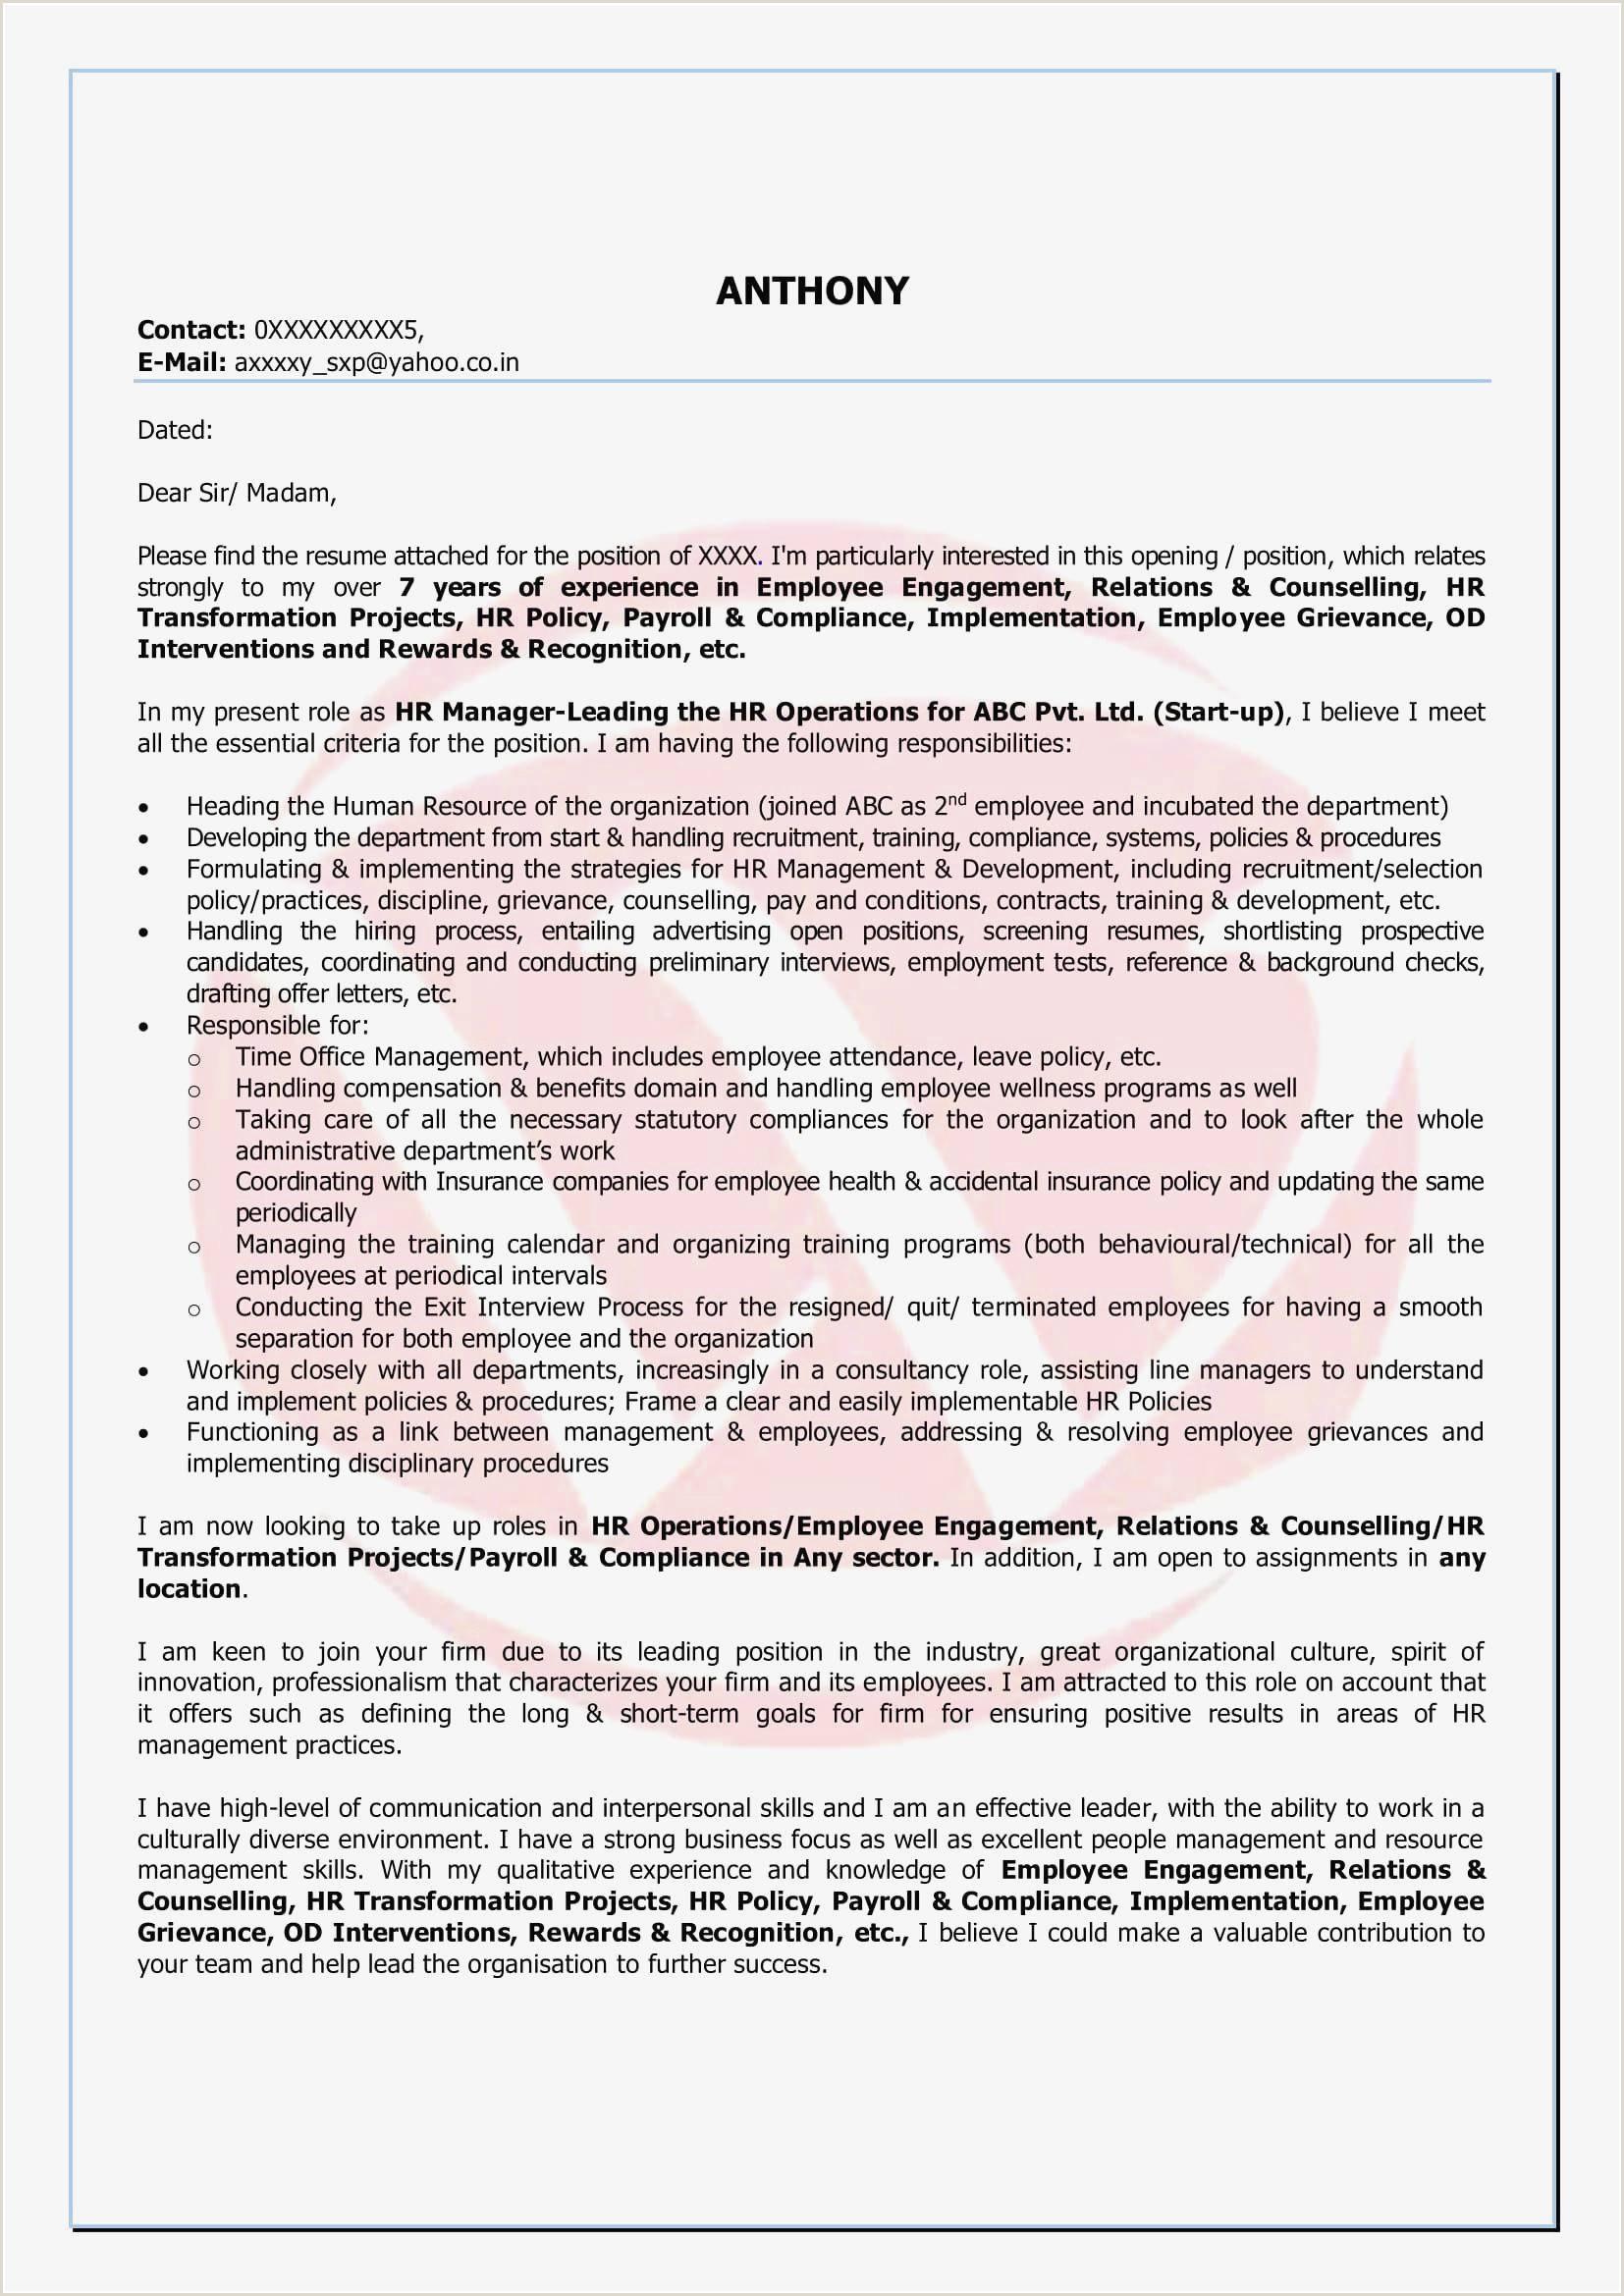 Plantilla Curriculum Vitae Para Rellenar Openoffice Plantilla Openoffice Curriculum Vitae